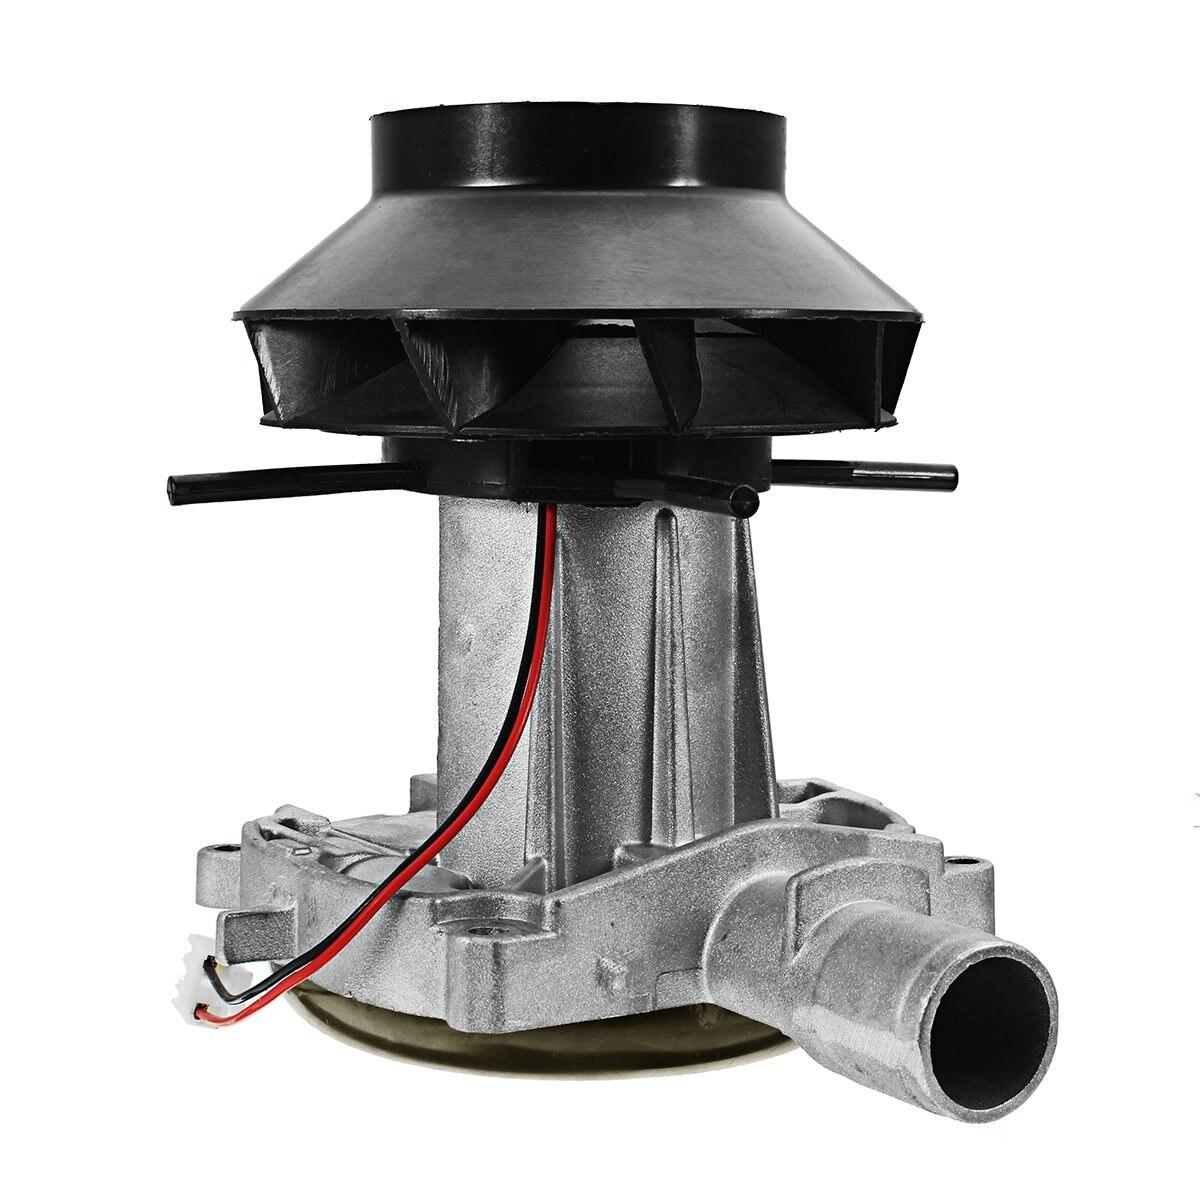 12V /24V Motor Assembly Air /Diesel Parking Heater for Car Truck Bus Caravan Boat for Webasto Eberspacher